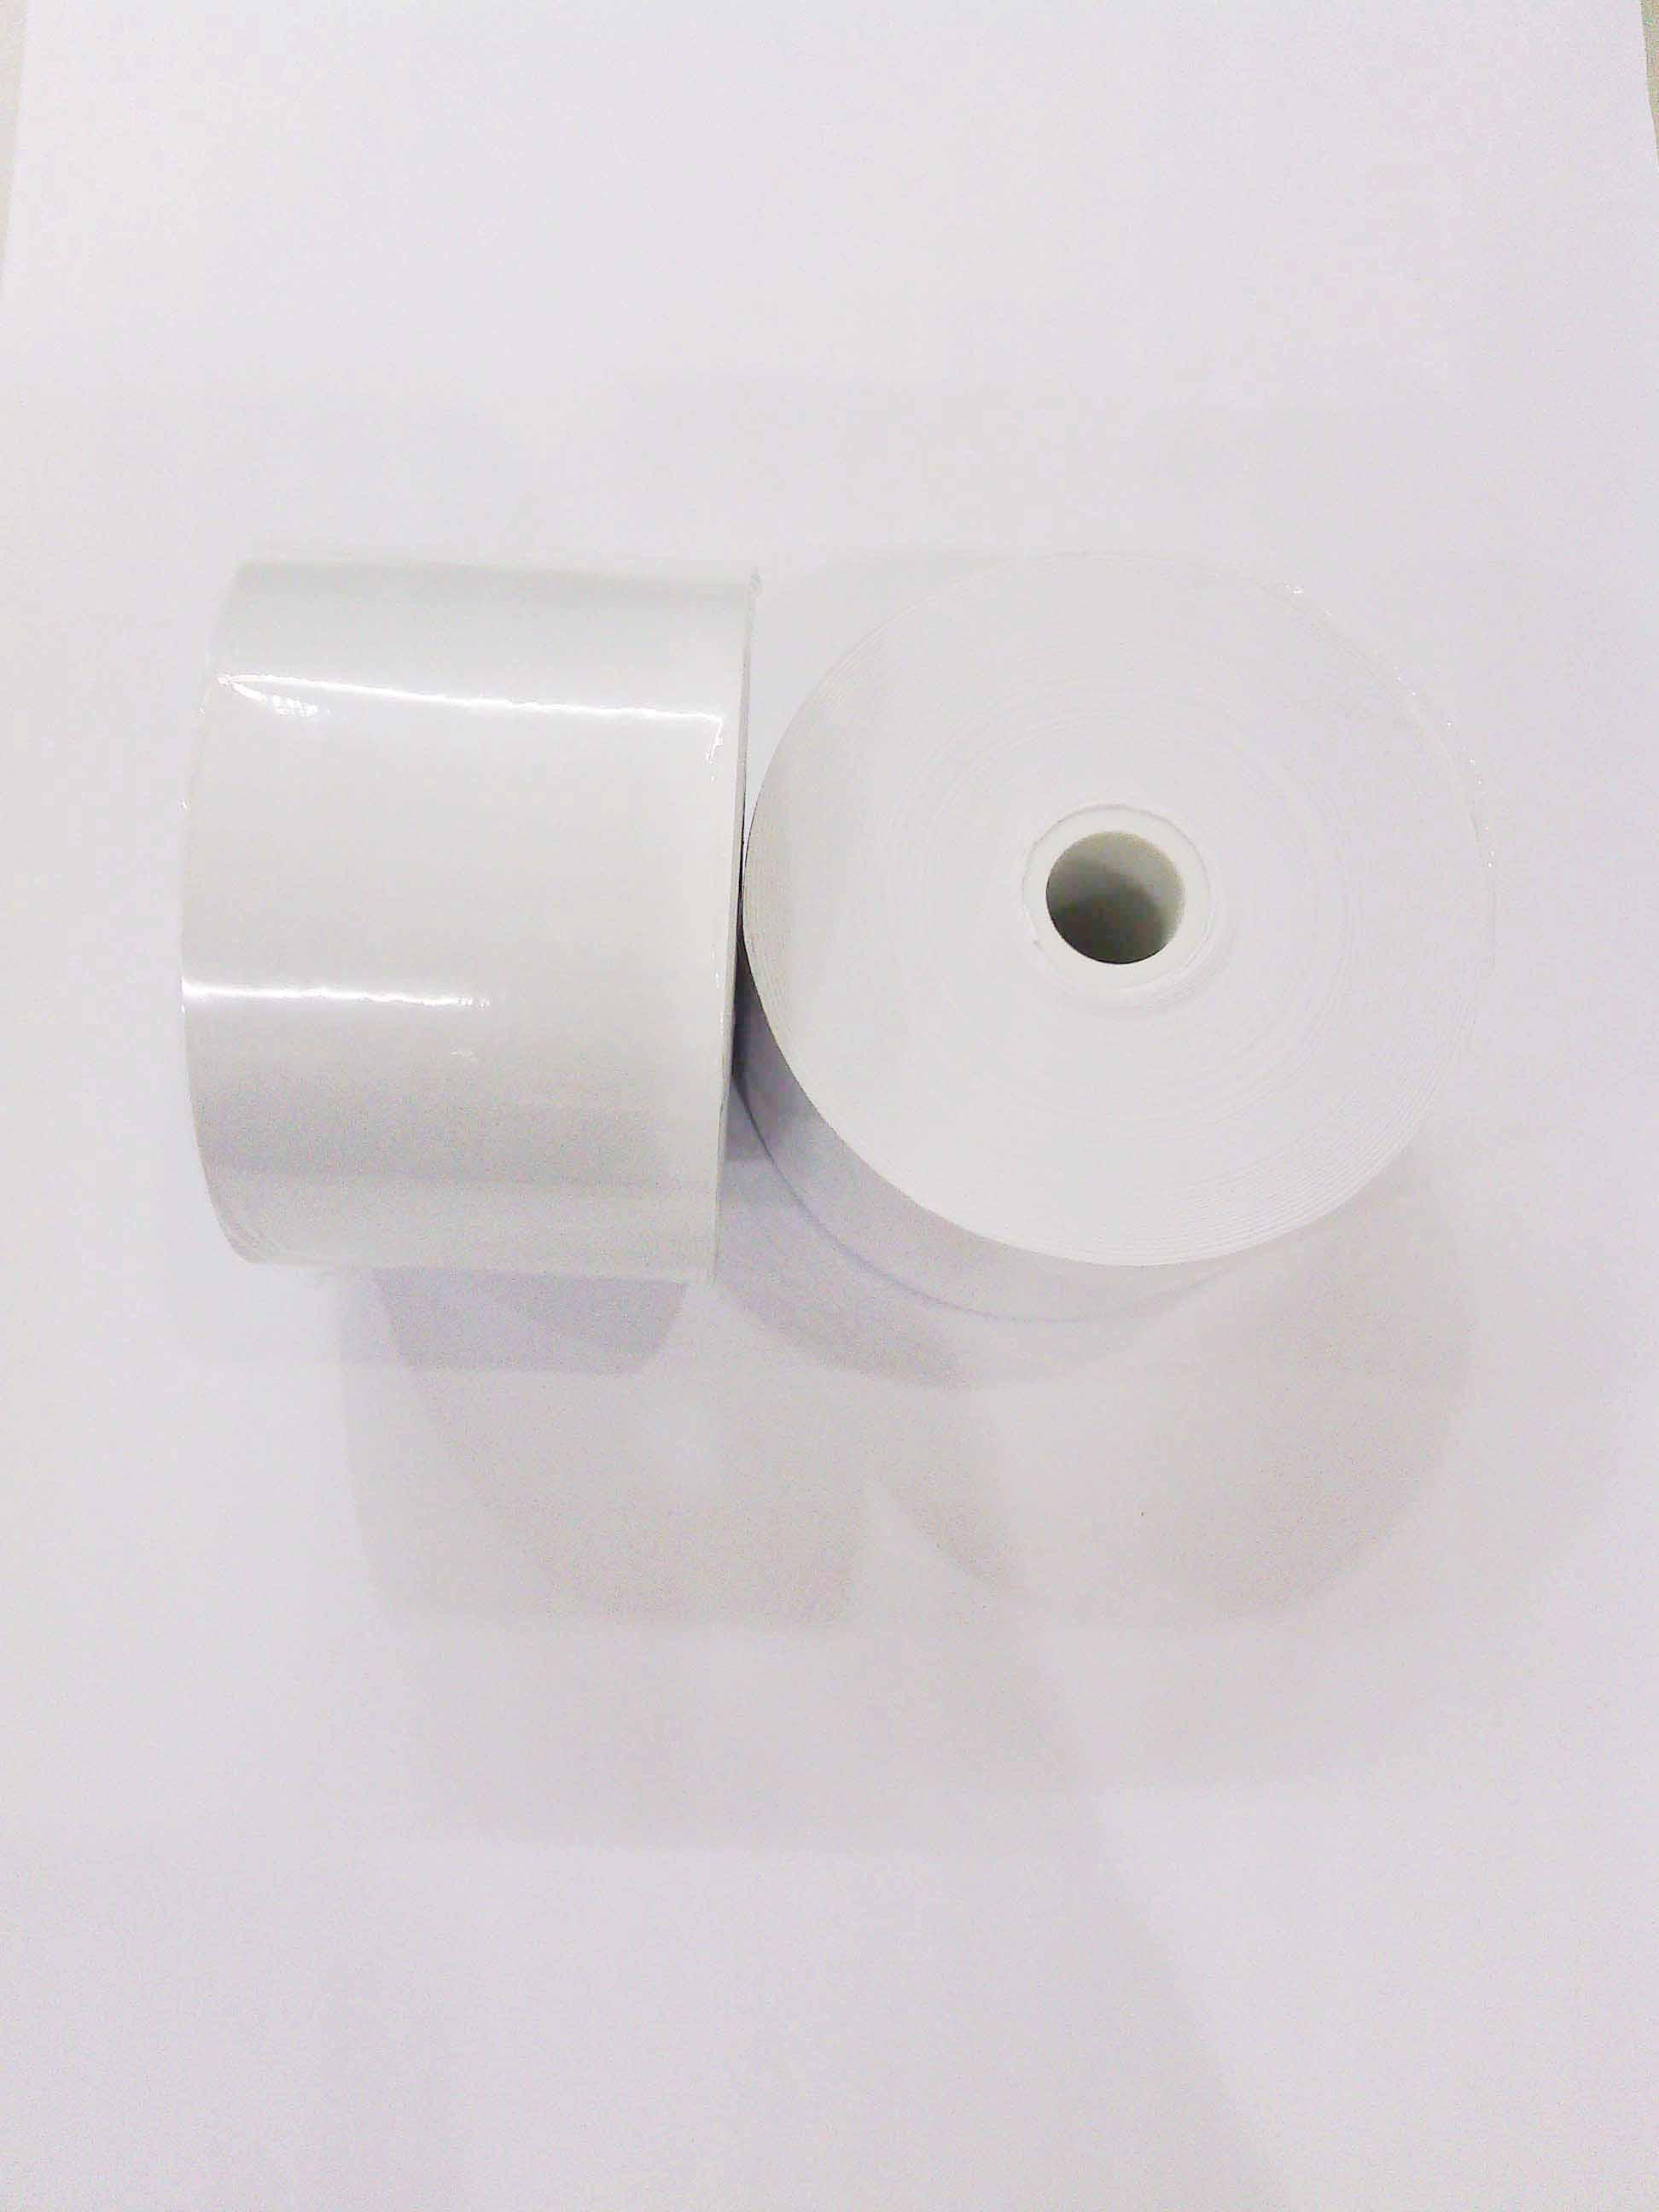 44*70*12mm (30卷)收銀機結帳/收銀用空白紙捲(定位黑點) - 限時優惠好康折扣